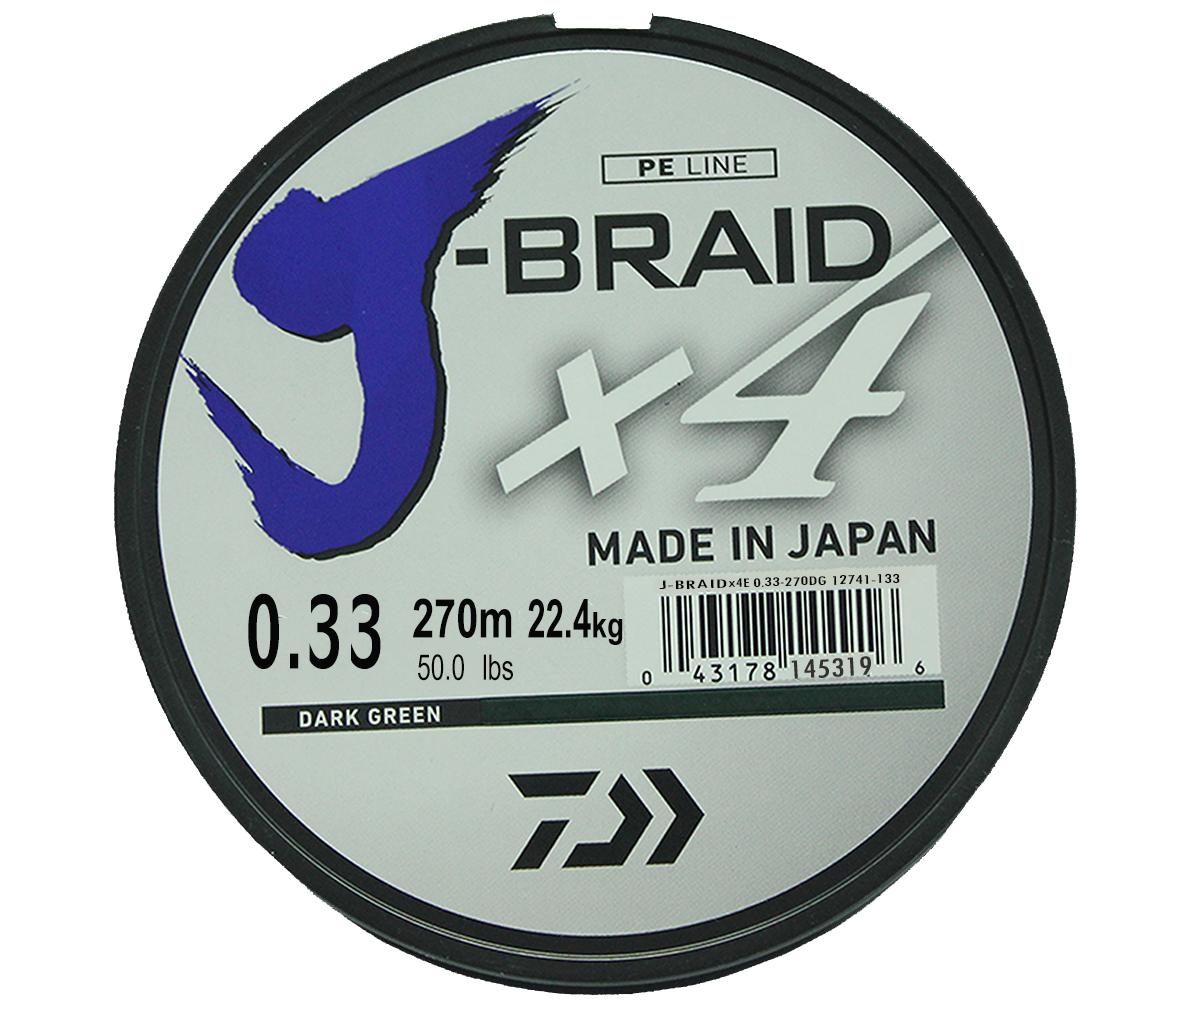 Шнур плетеный Daiwa J-Braid X4, цвет: зеленый, 270 м, 0,33 мм61177Новый 4х жильный шнур J-Braid, DAIWA - шнур высокого класса с удивительным соотношением цены и качества. Качество плетения полностью соответствует японским стандартам и удовлетворяет всем требованиям. Представленные диаметры позволяют использовать шнур для всех техник ловли, начиная от ultra- light ловли окуня, до морской ловли палтуса, трески и т.д